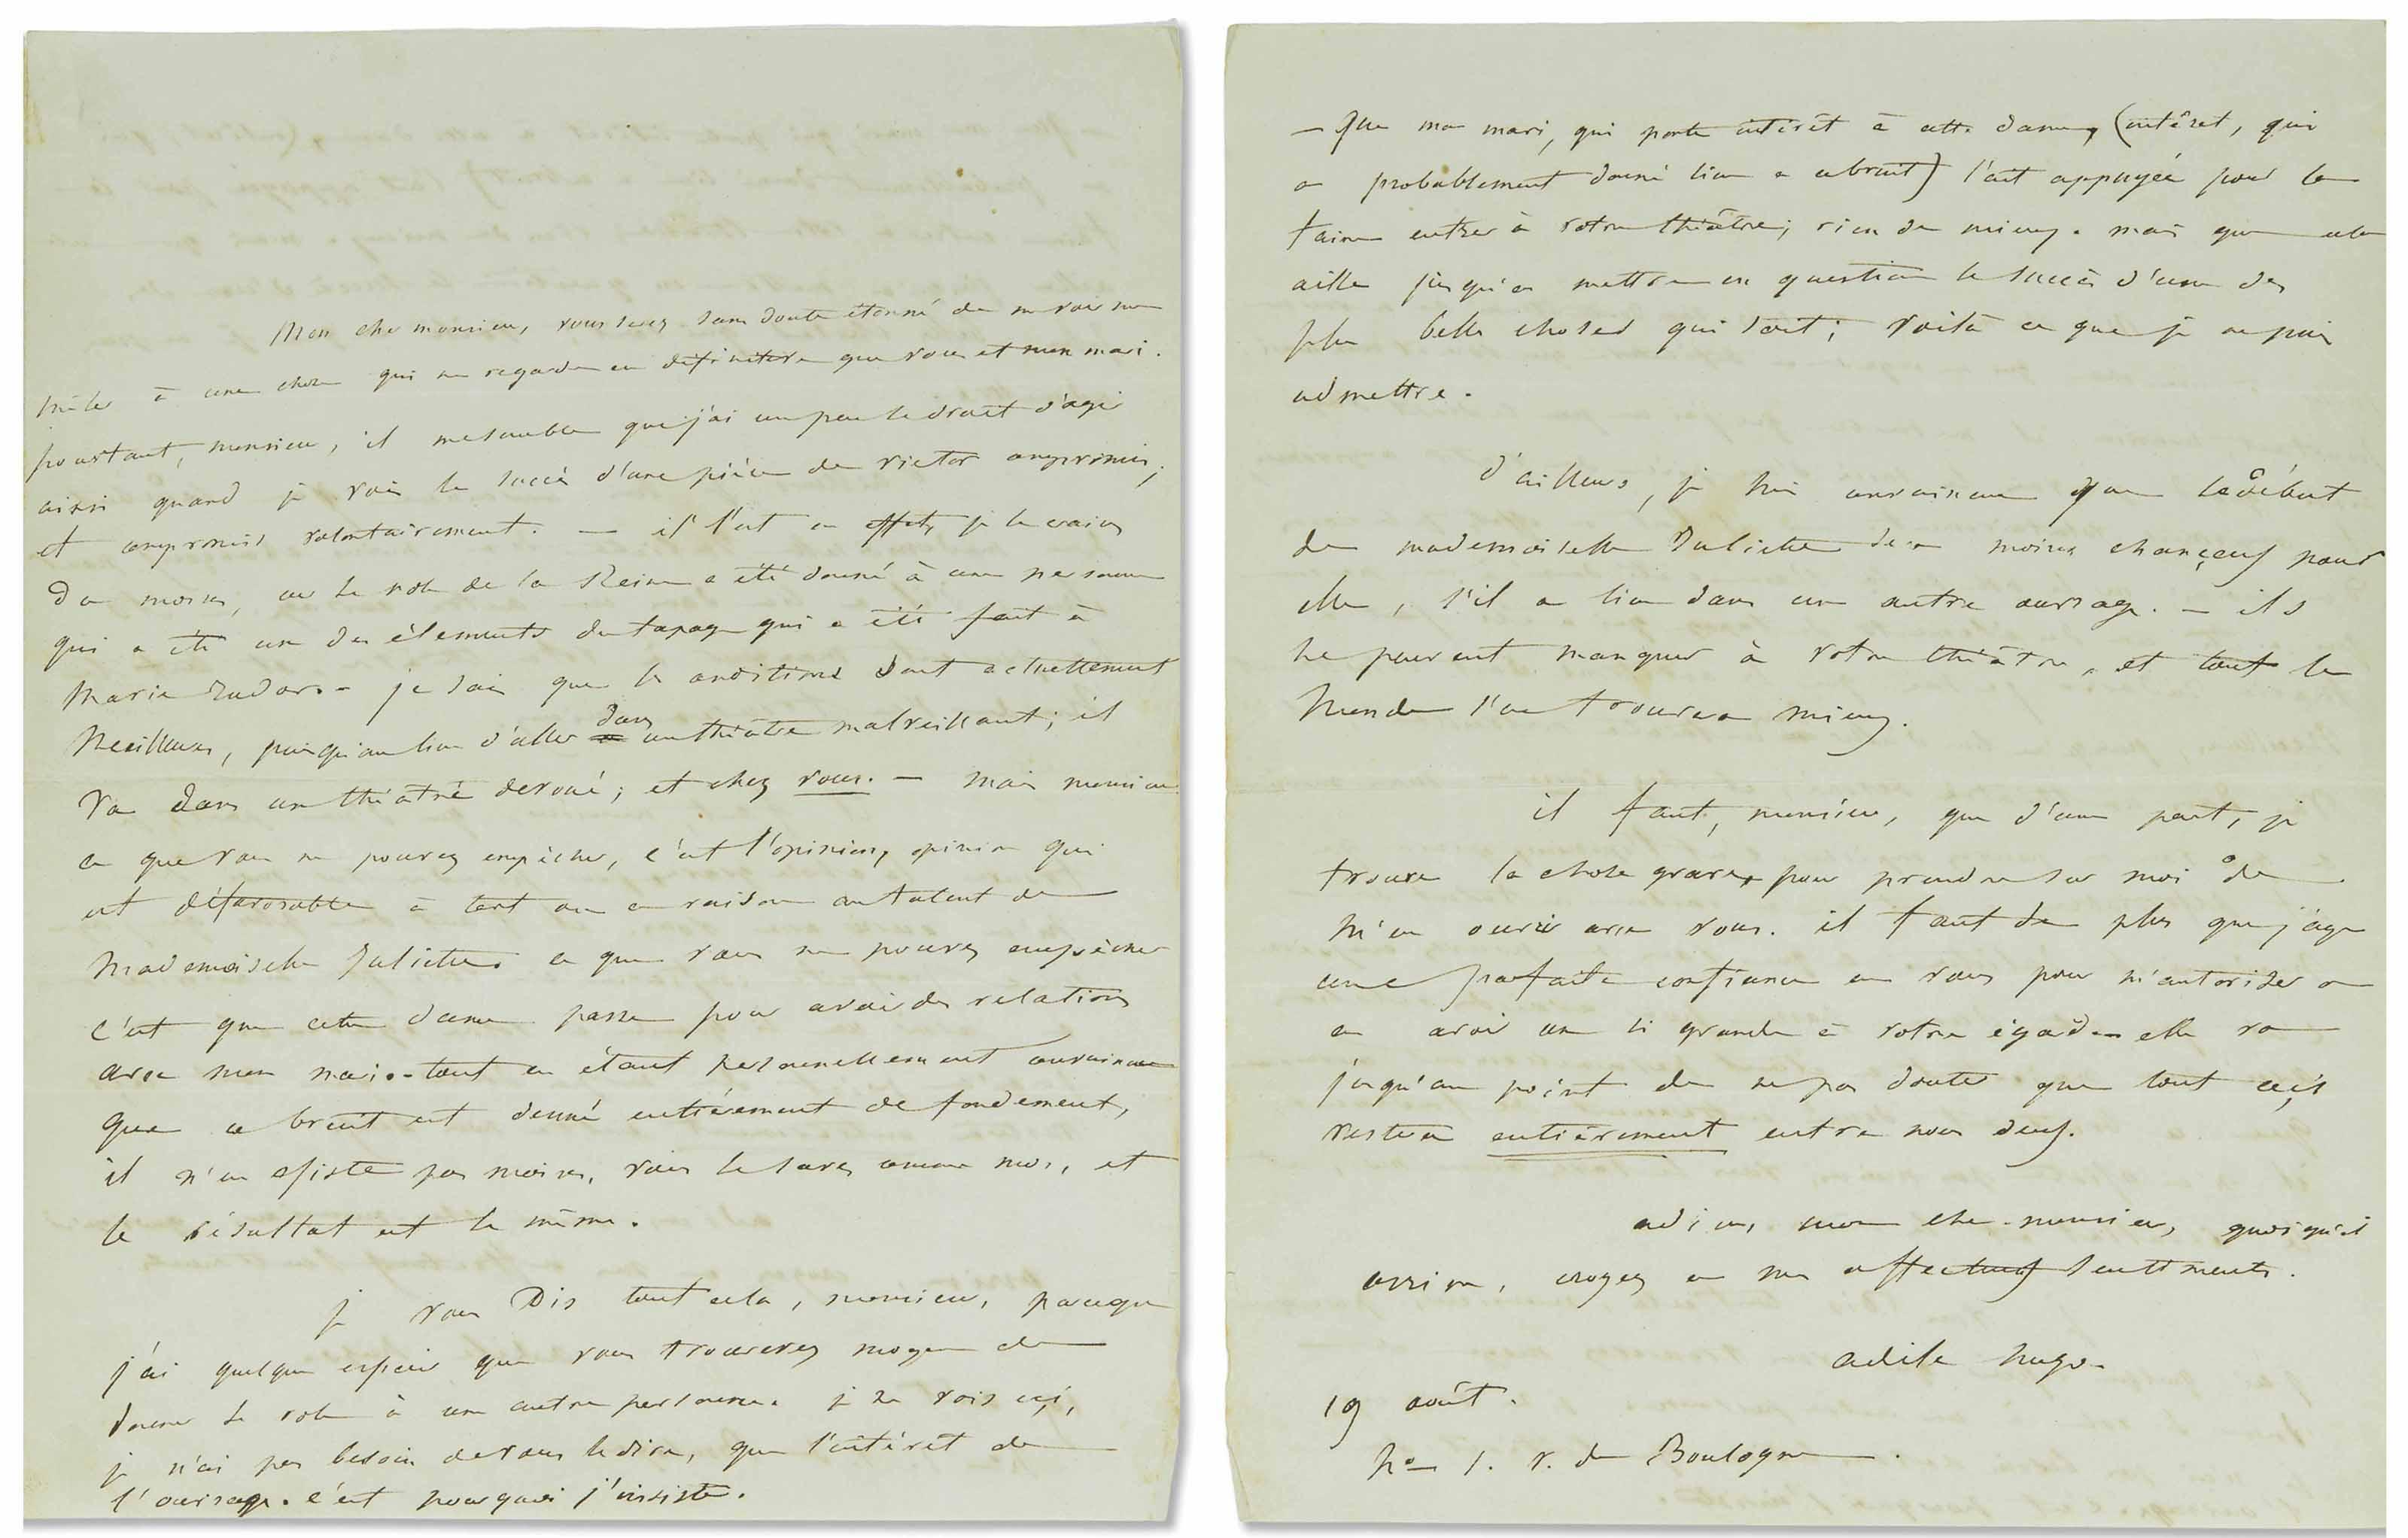 [HUGO, Victor] - HUGO, Adèle. Lettre autographe signée à Antênor Joly, directeur du Nouveau Théâtre. 19 août 1838,